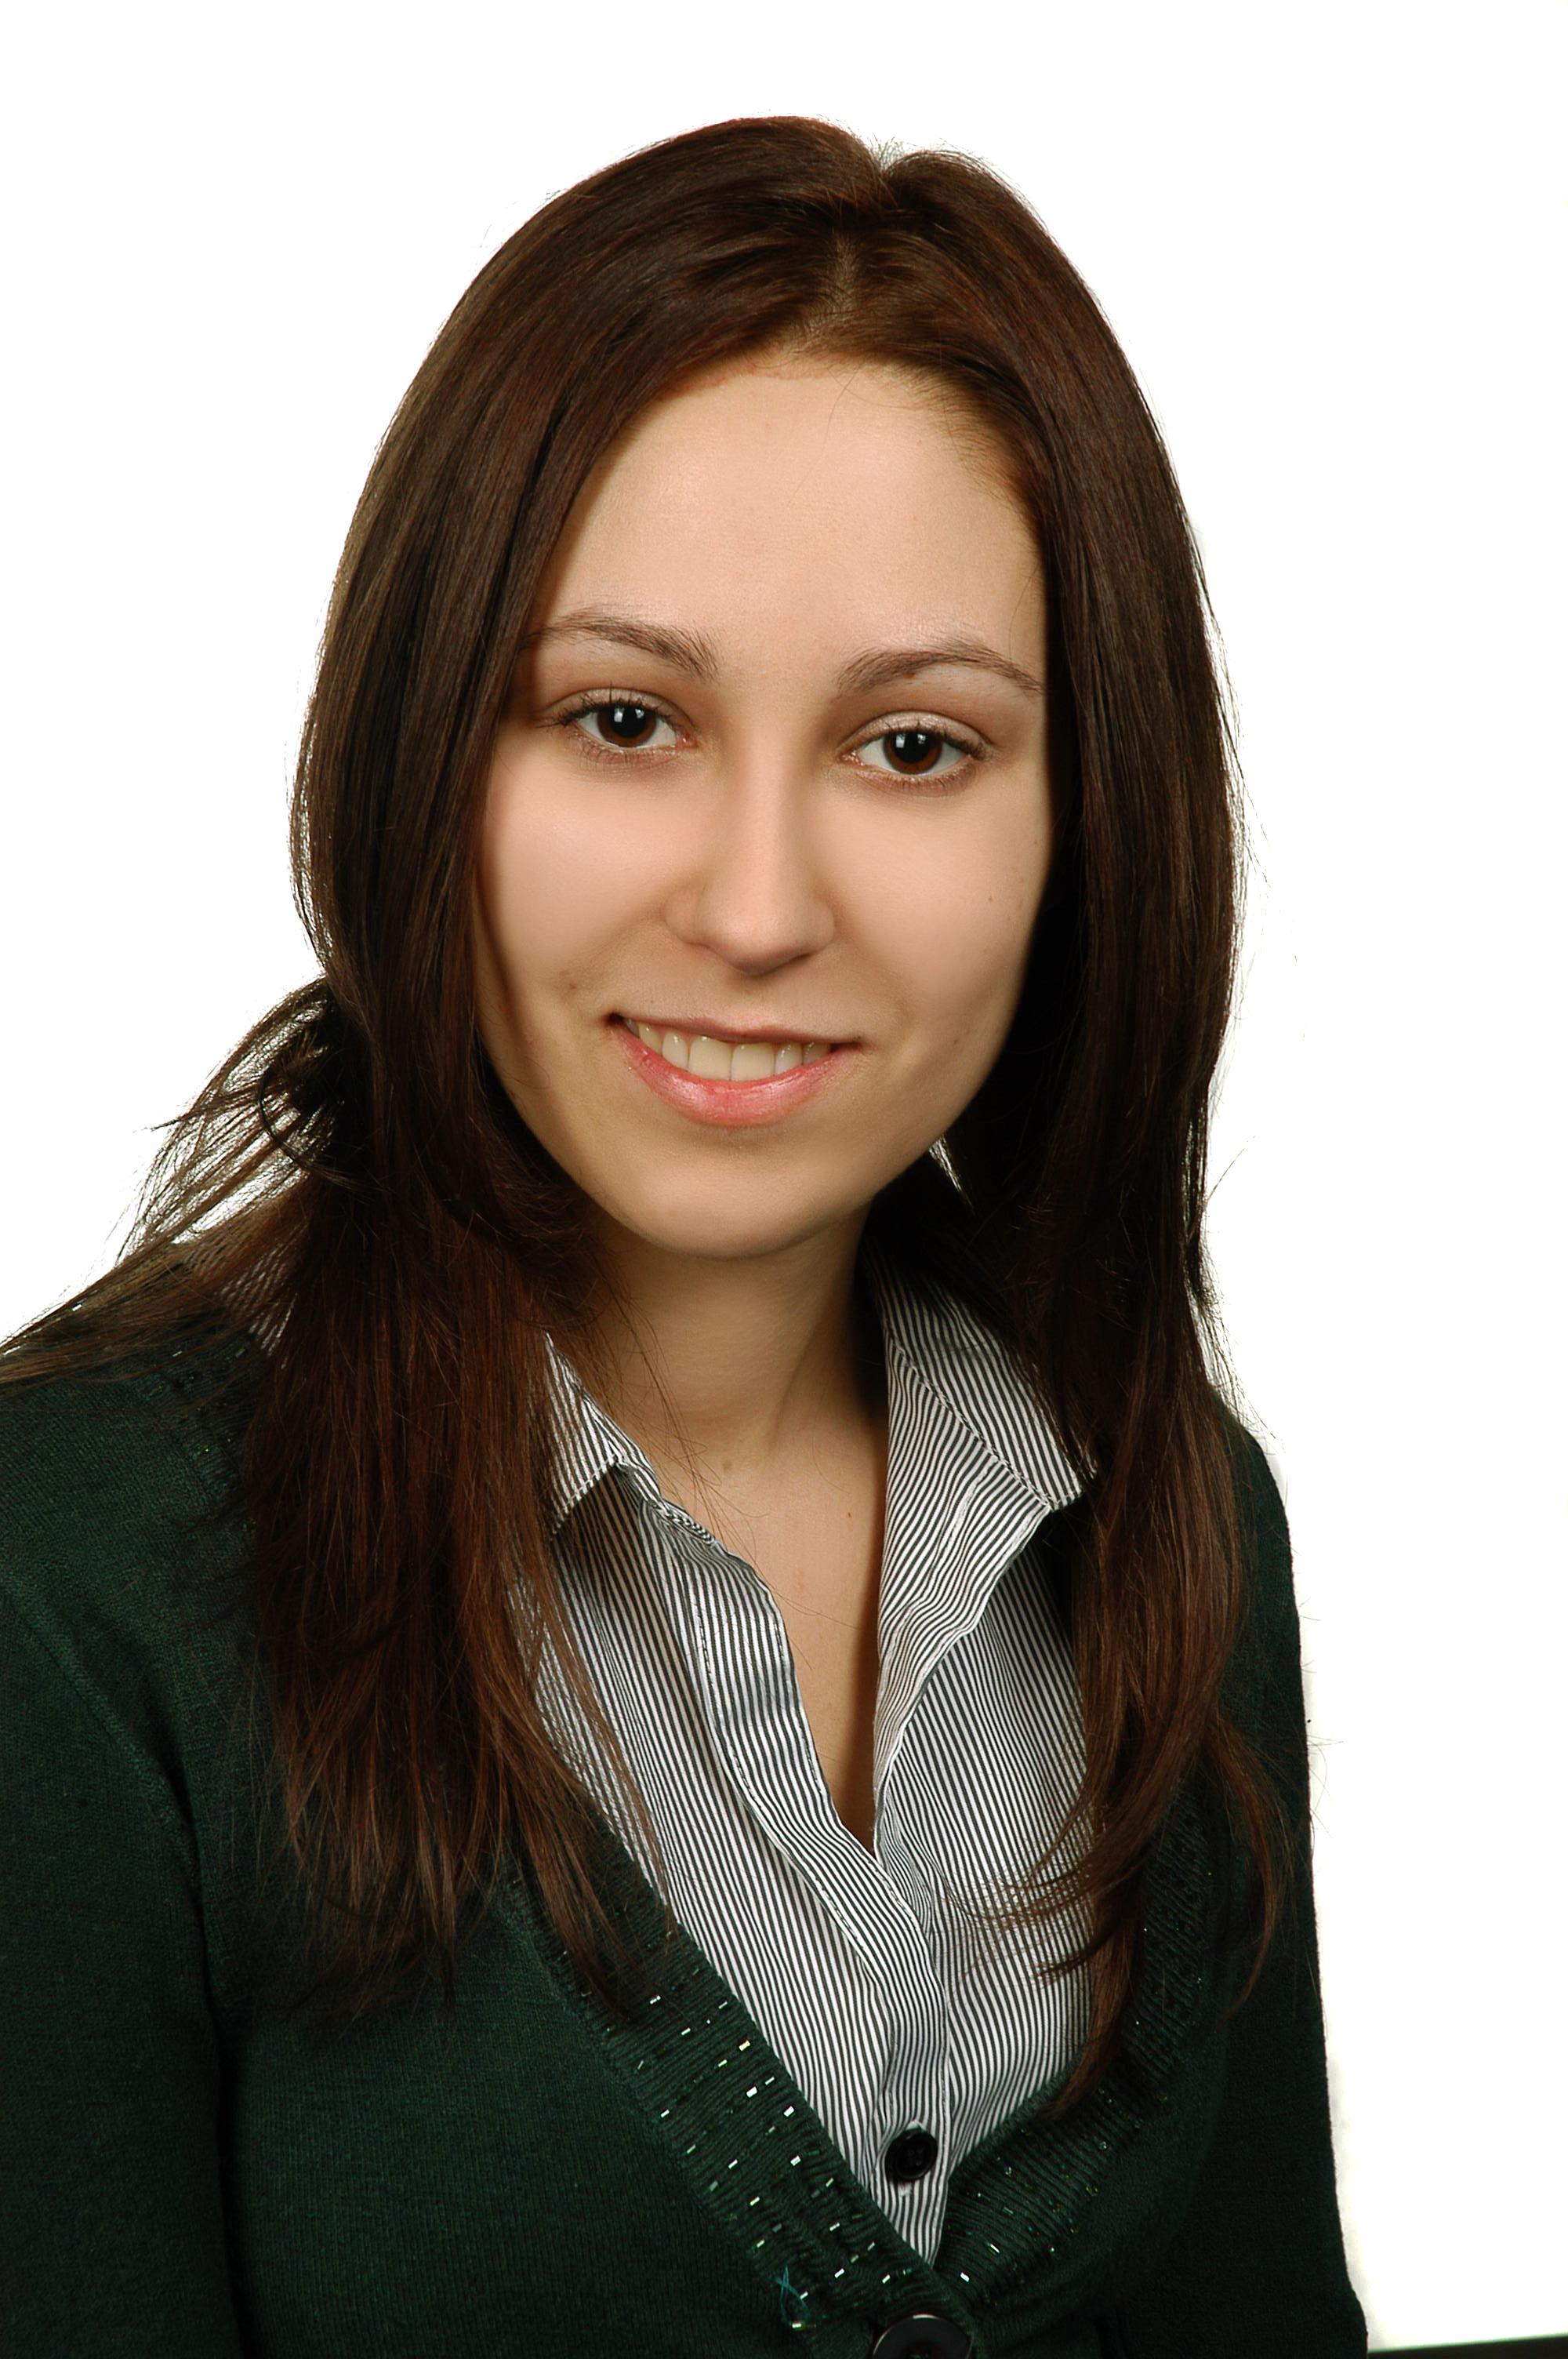 Emilia Mielniczuk